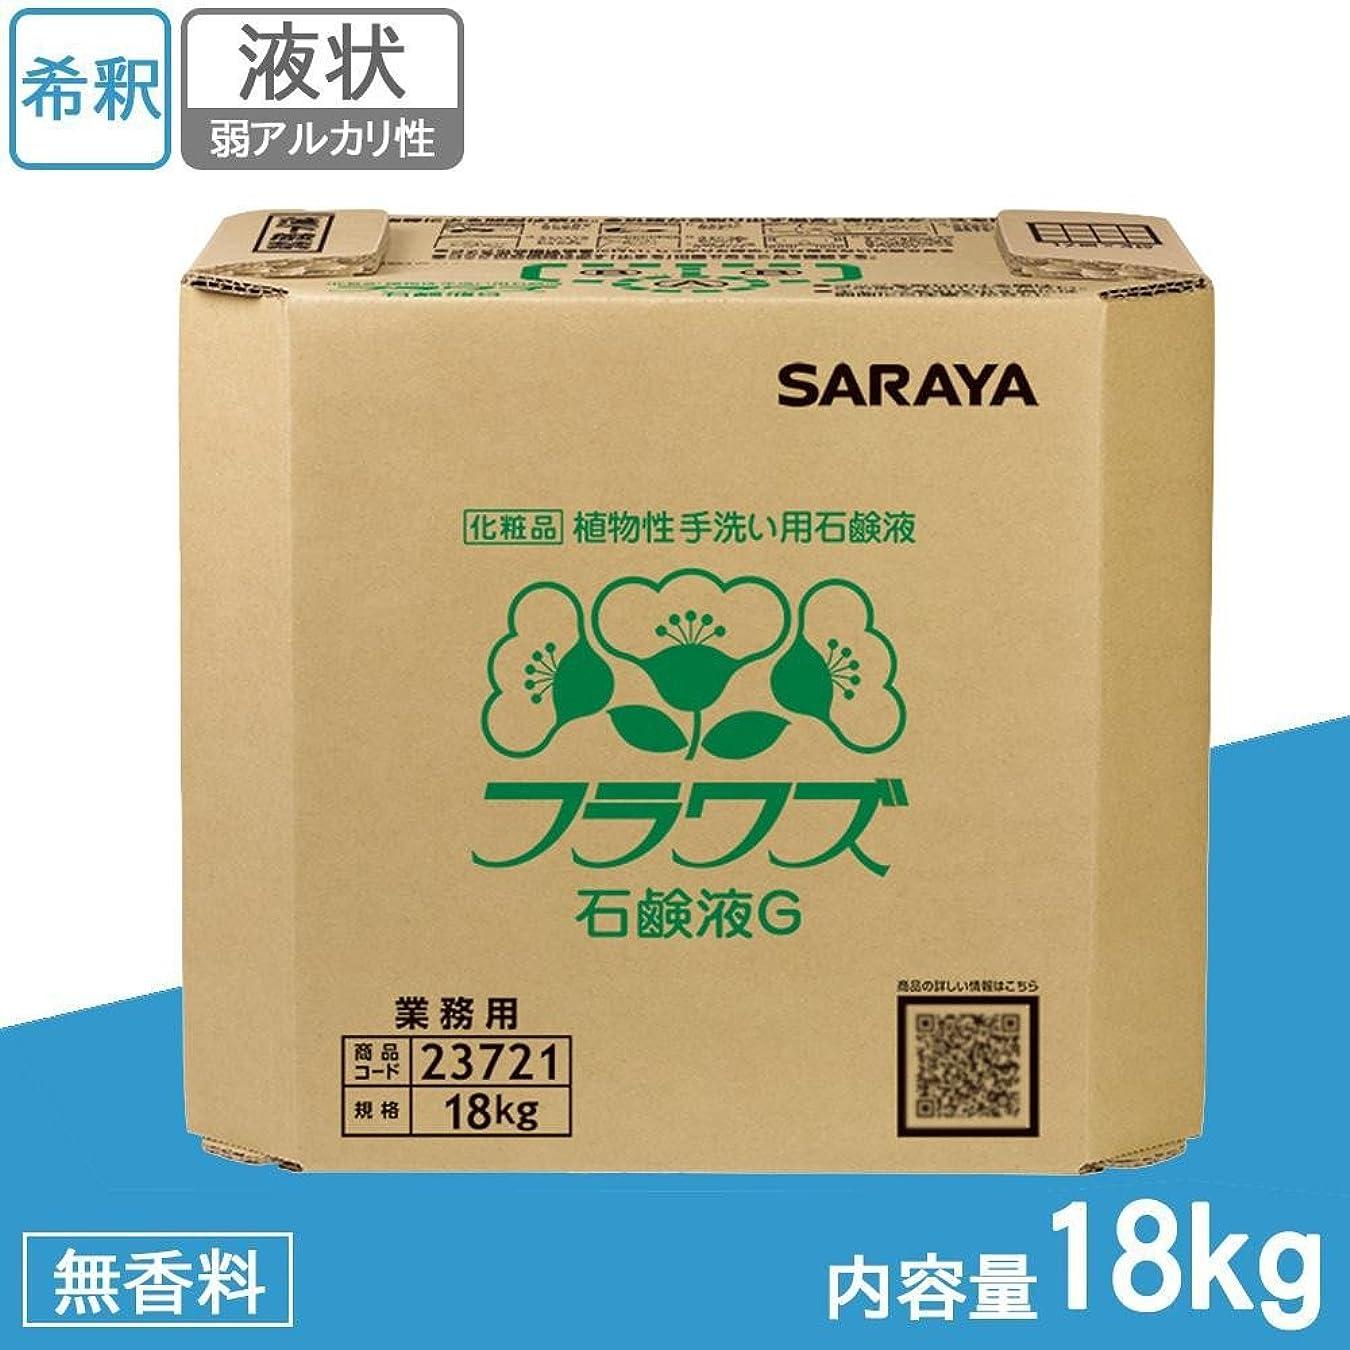 論争の的尽きる最も早いサラヤ 業務用 植物性手洗い用石鹸液 フラワズ石鹸液G 18kg BIB 23721